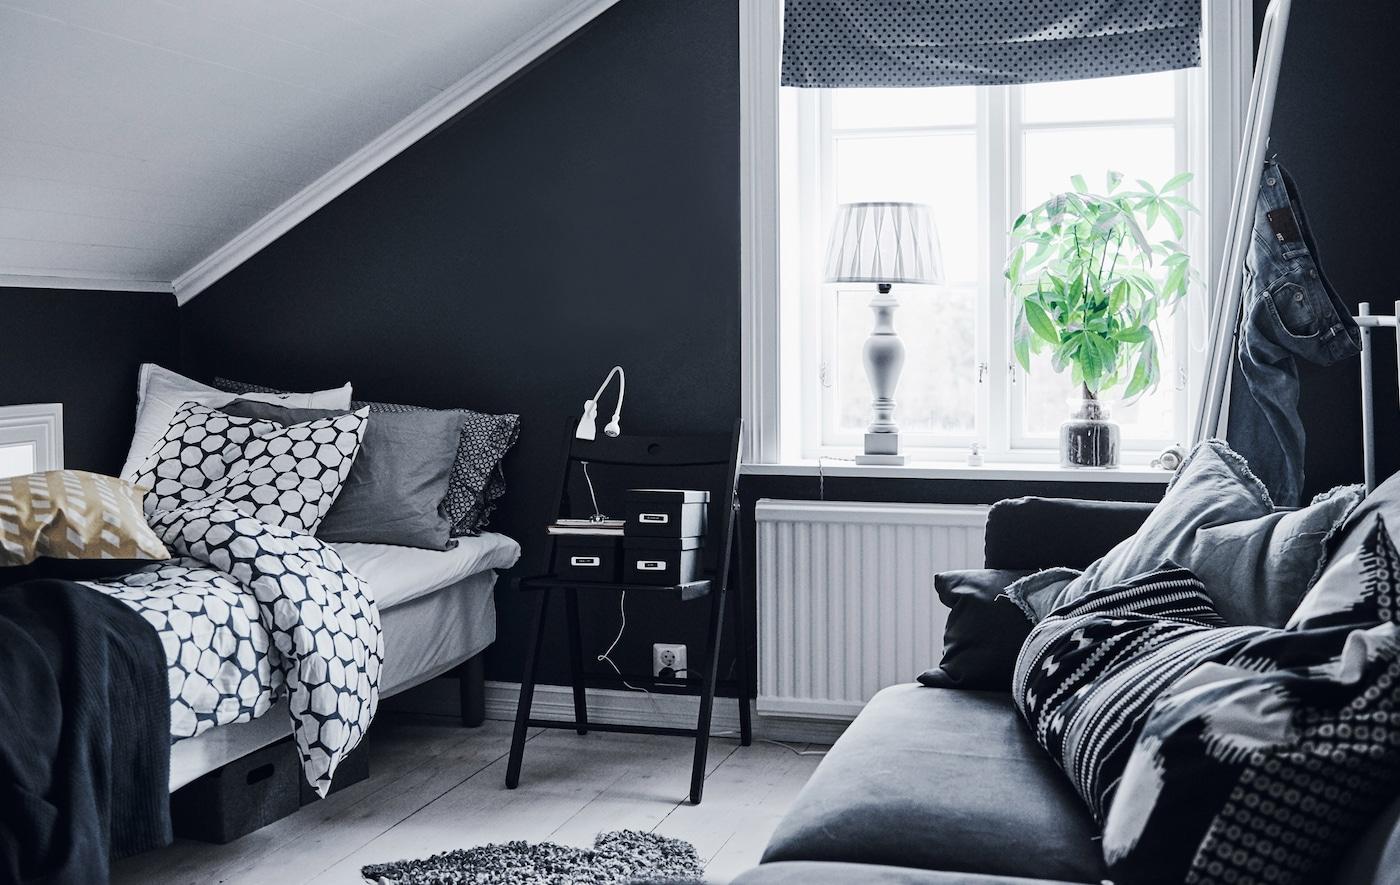 Full Size of Cooles Jugendzimmer Einrichten Mistyle Ikea Deutschland Miniküche Betten 160x200 Küche Kosten Sofa Mit Schlaffunktion Bett Modulküche Bei Kaufen Wohnzimmer Ikea Jugendzimmer